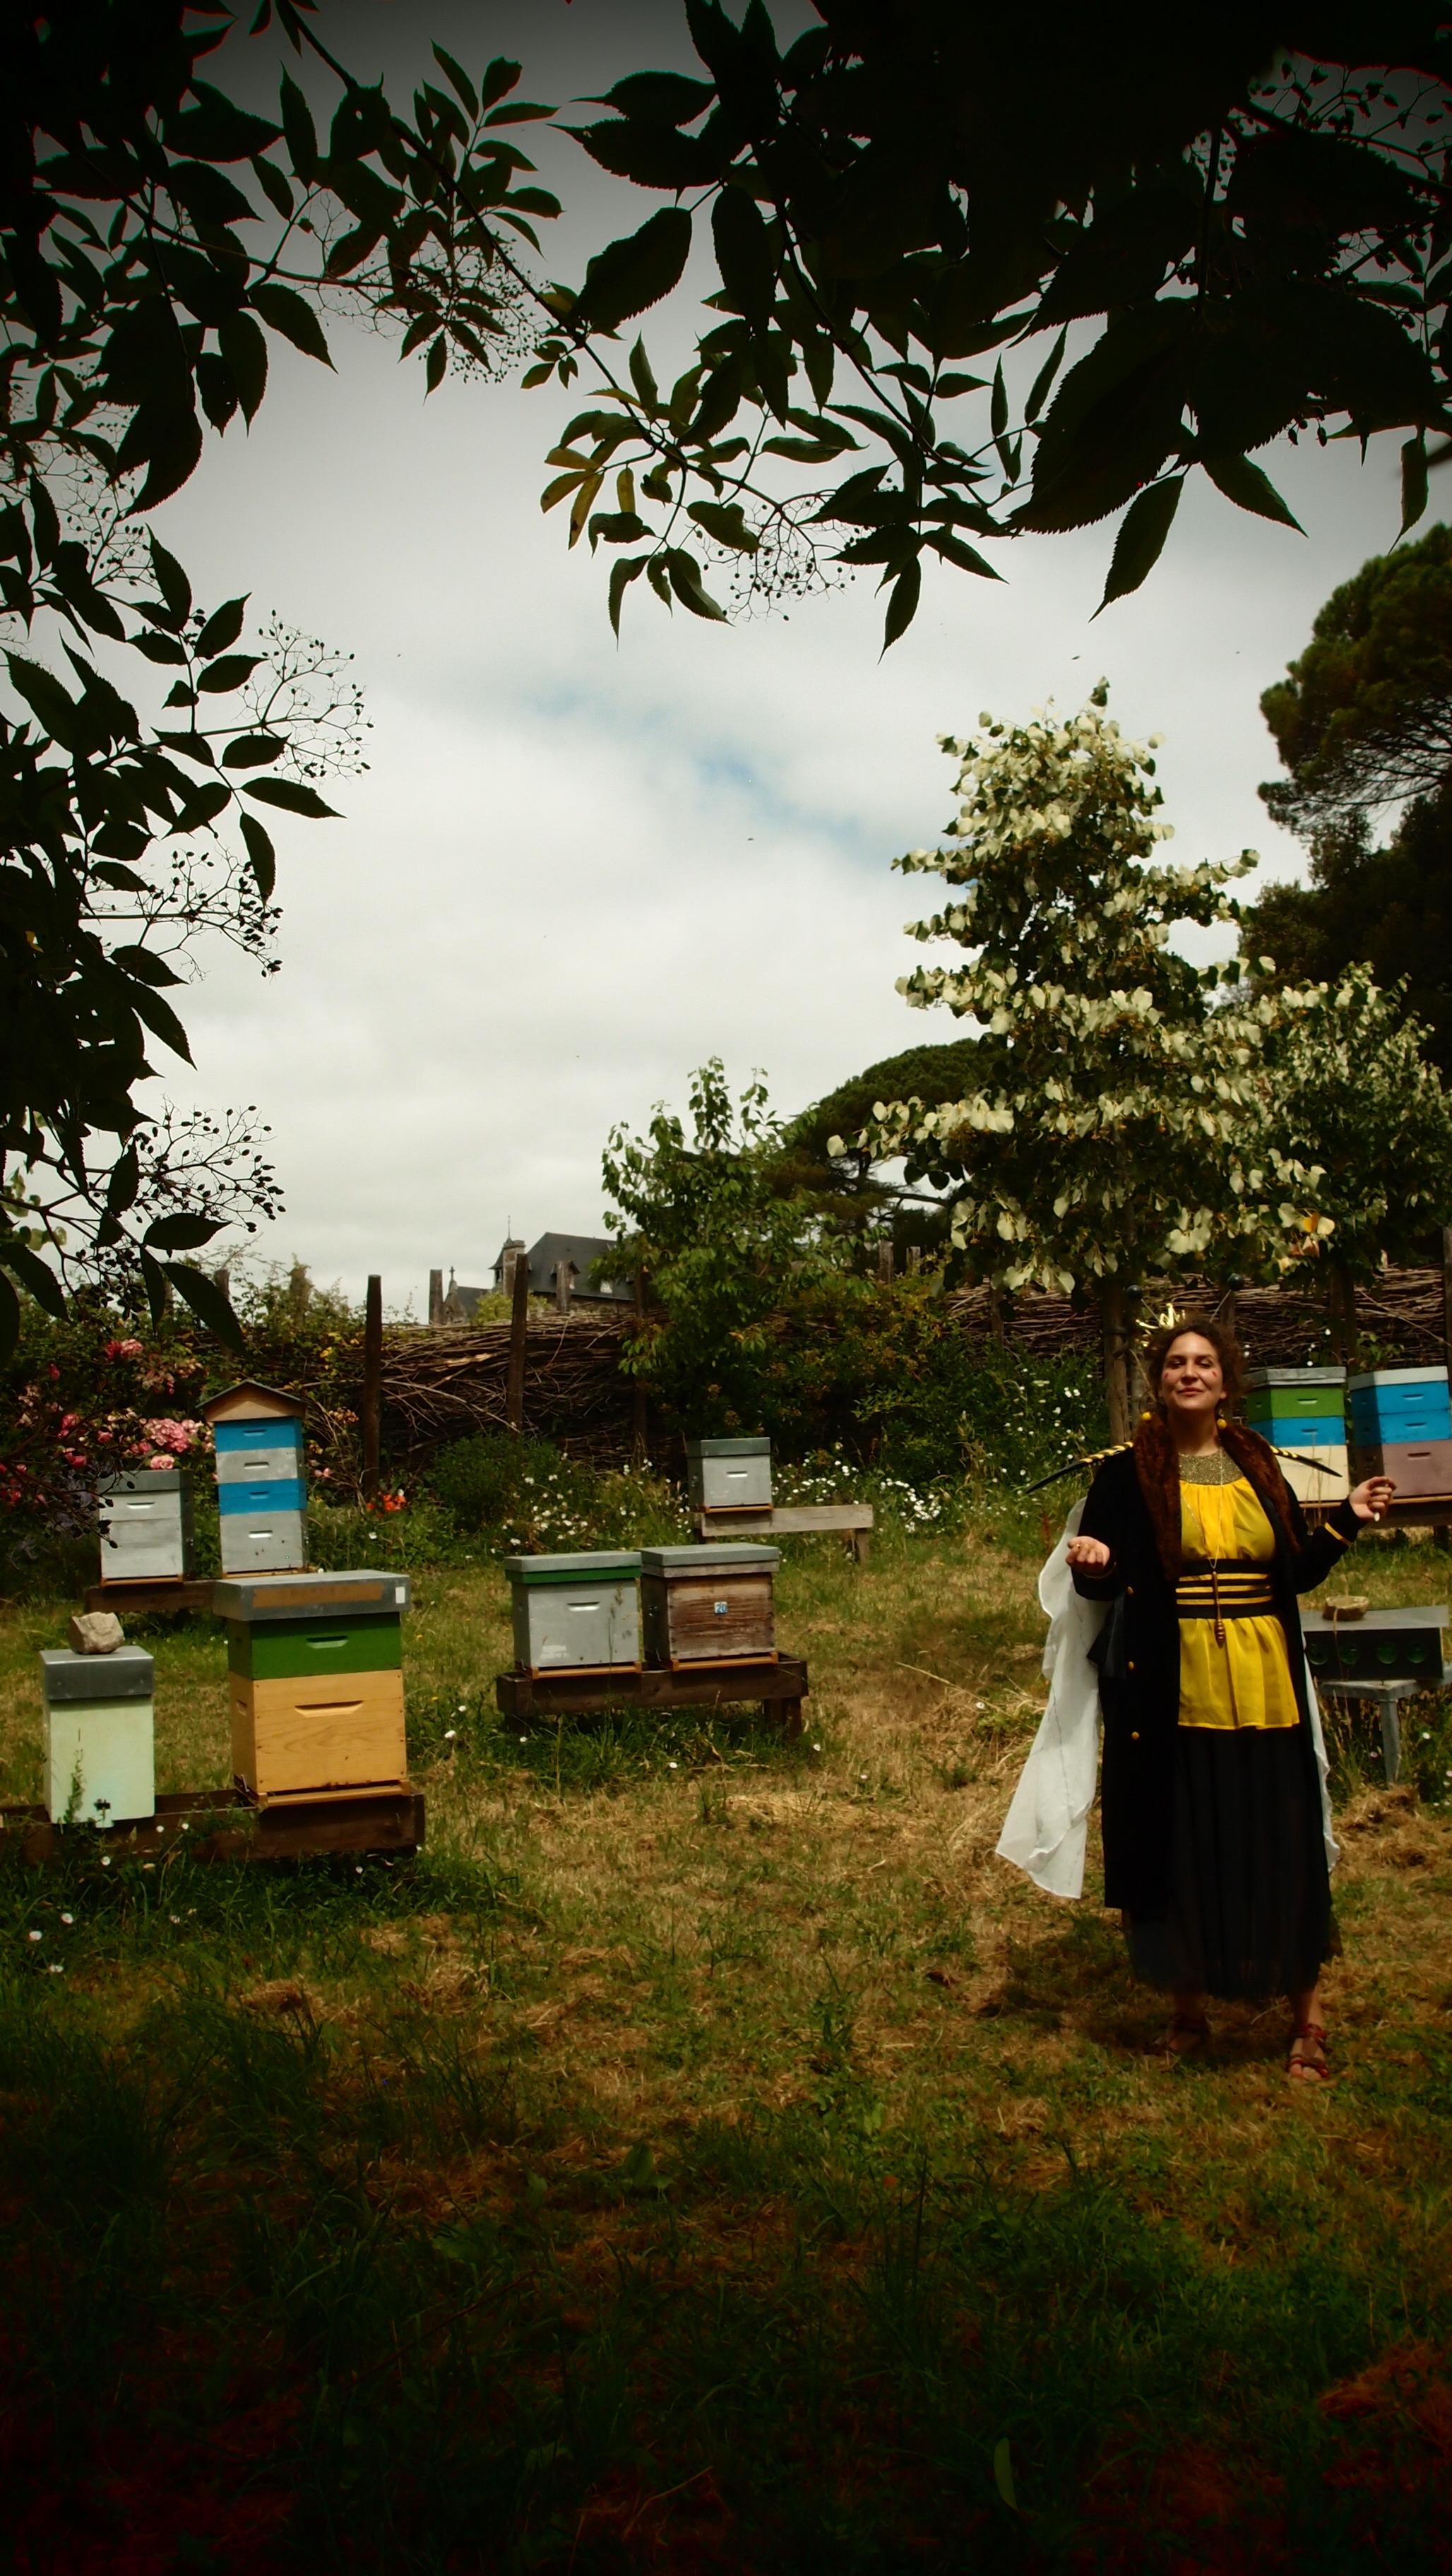 la reine et ses ruches